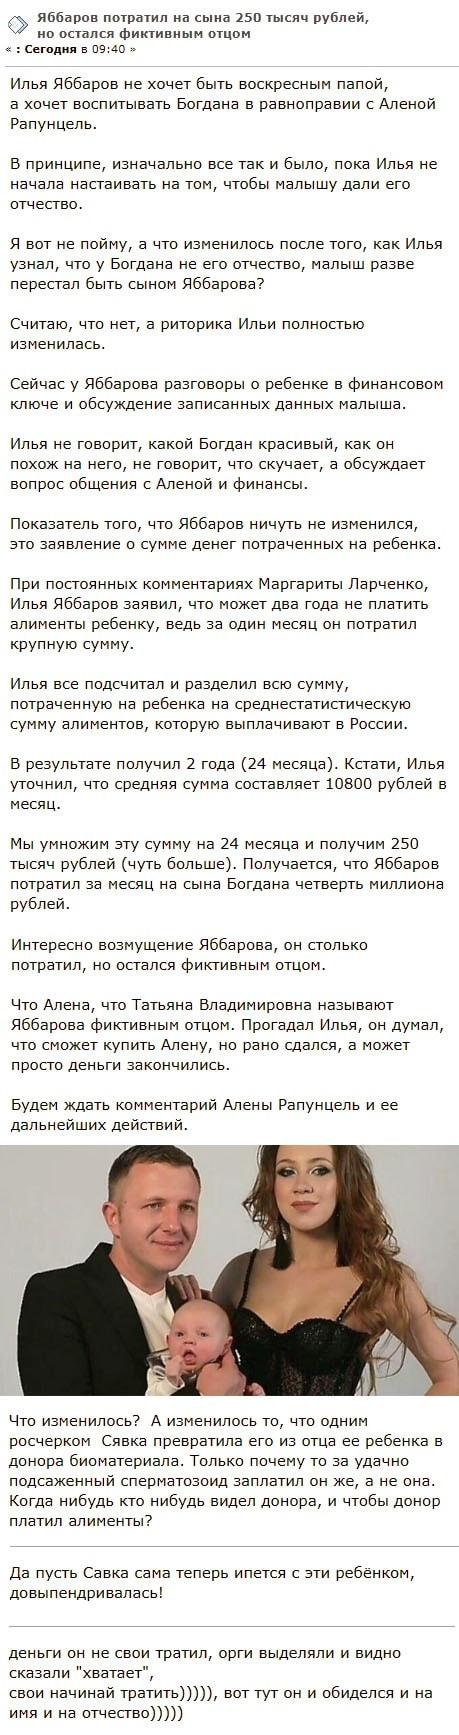 Илья Яббаров озвучил сумму потраченную на сына всего за месяц